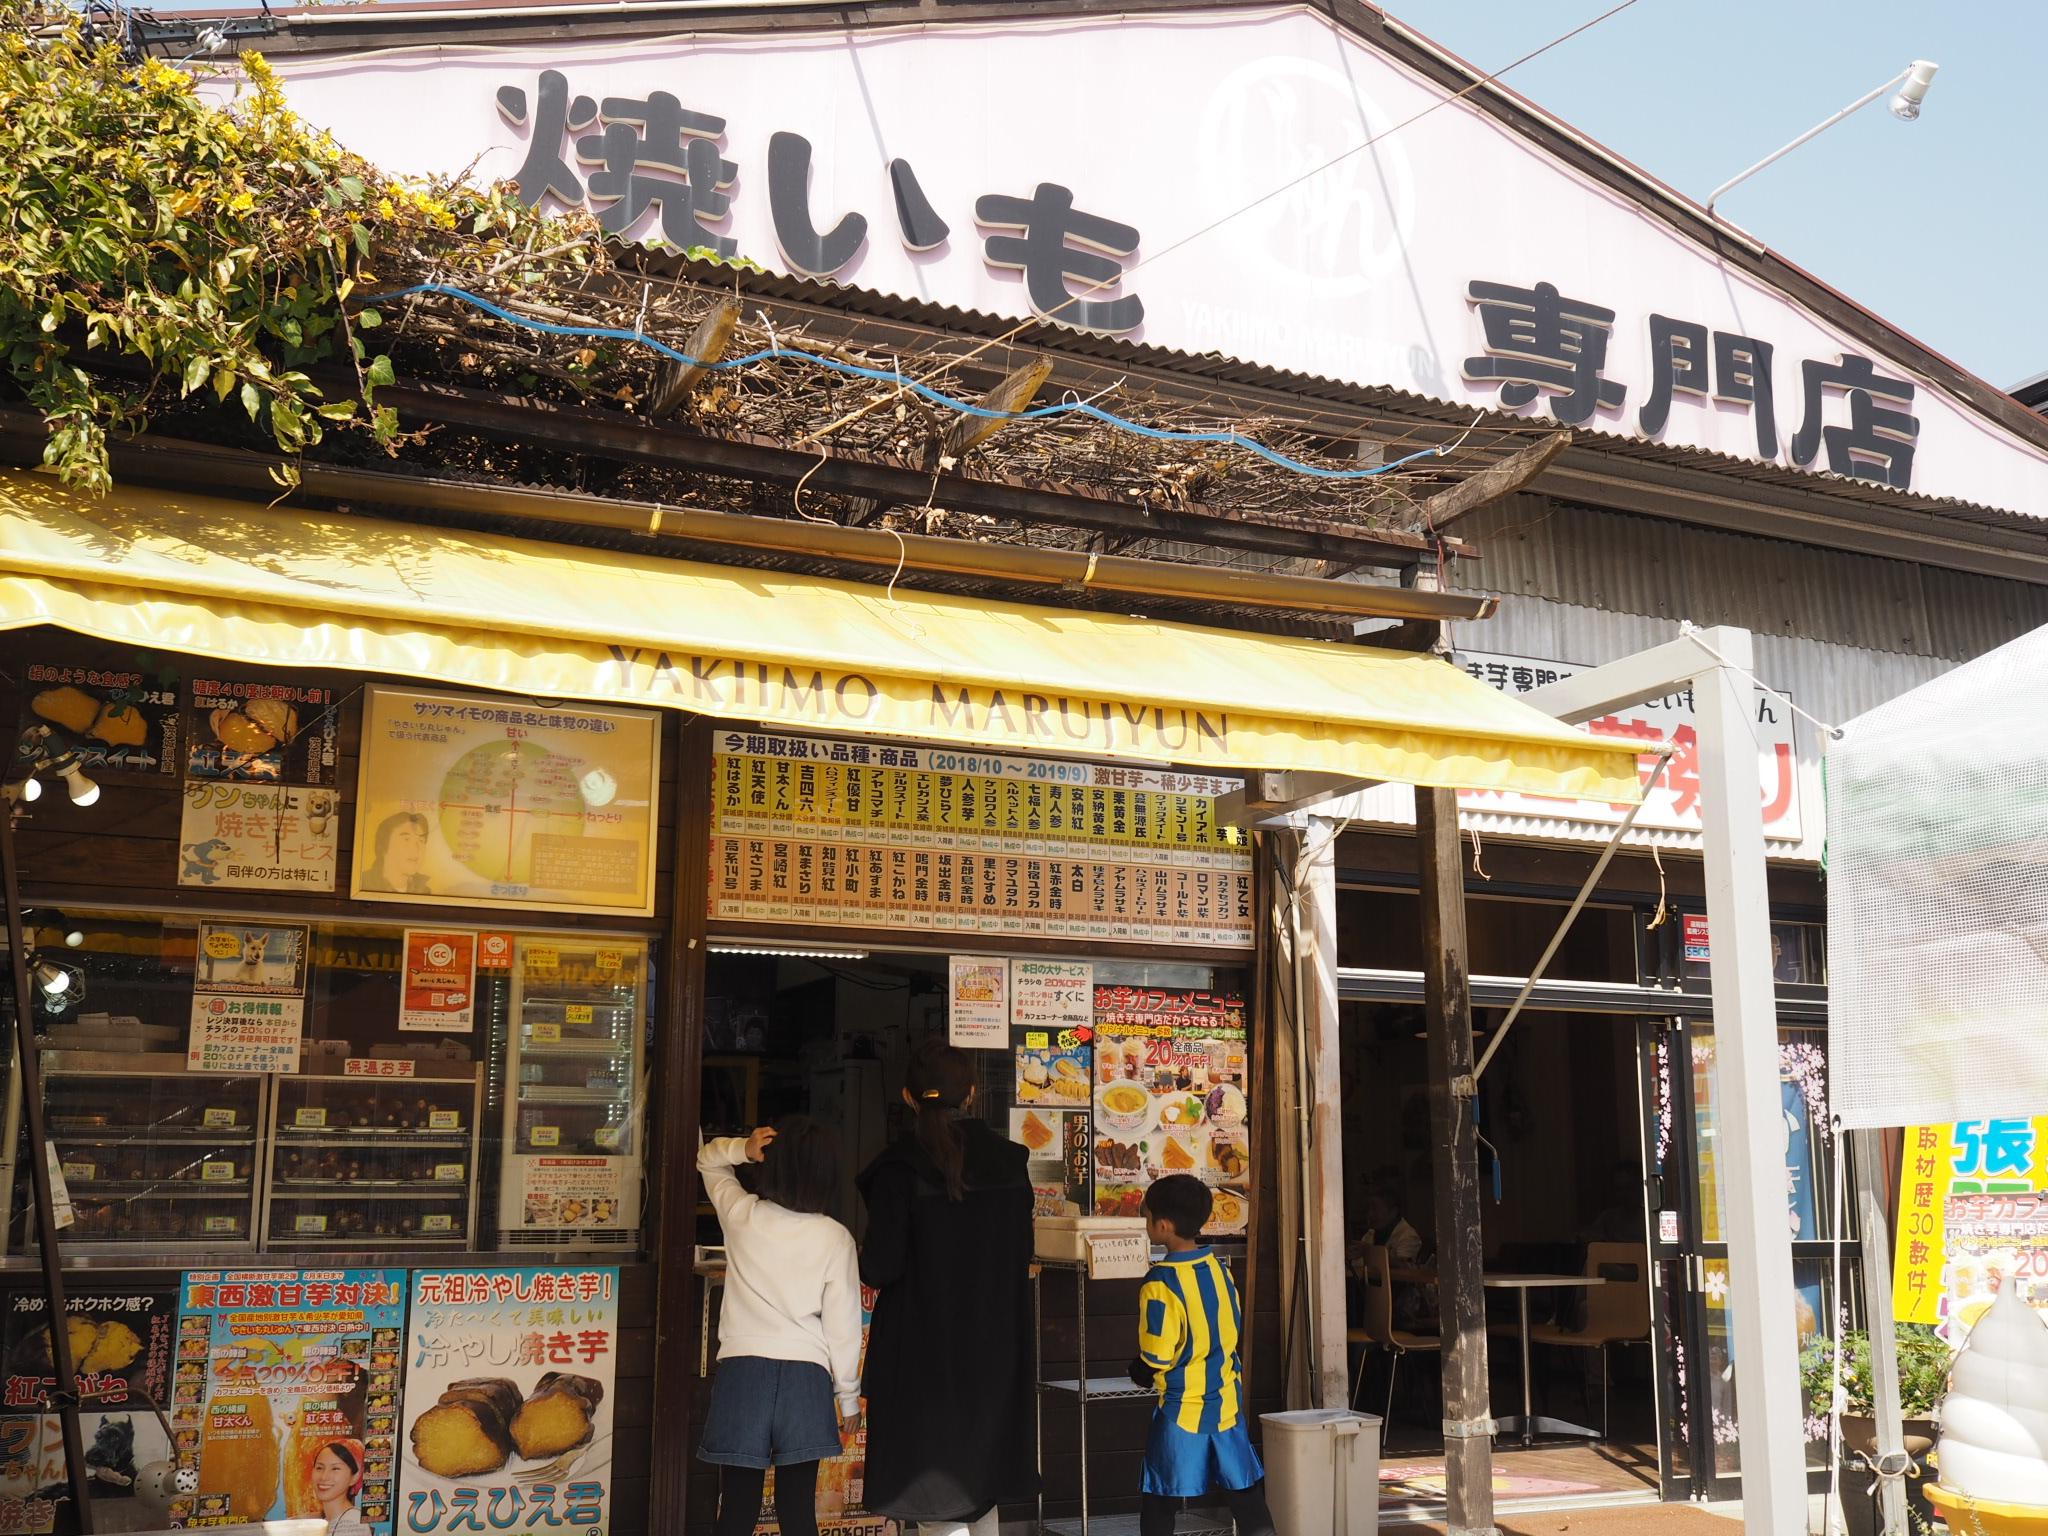 ねっとり系、ホクホク系、あなたはどっちが好き?碧南市の焼き芋専門店「やきいも丸じゅん」 - WeChat Image 20191101172254